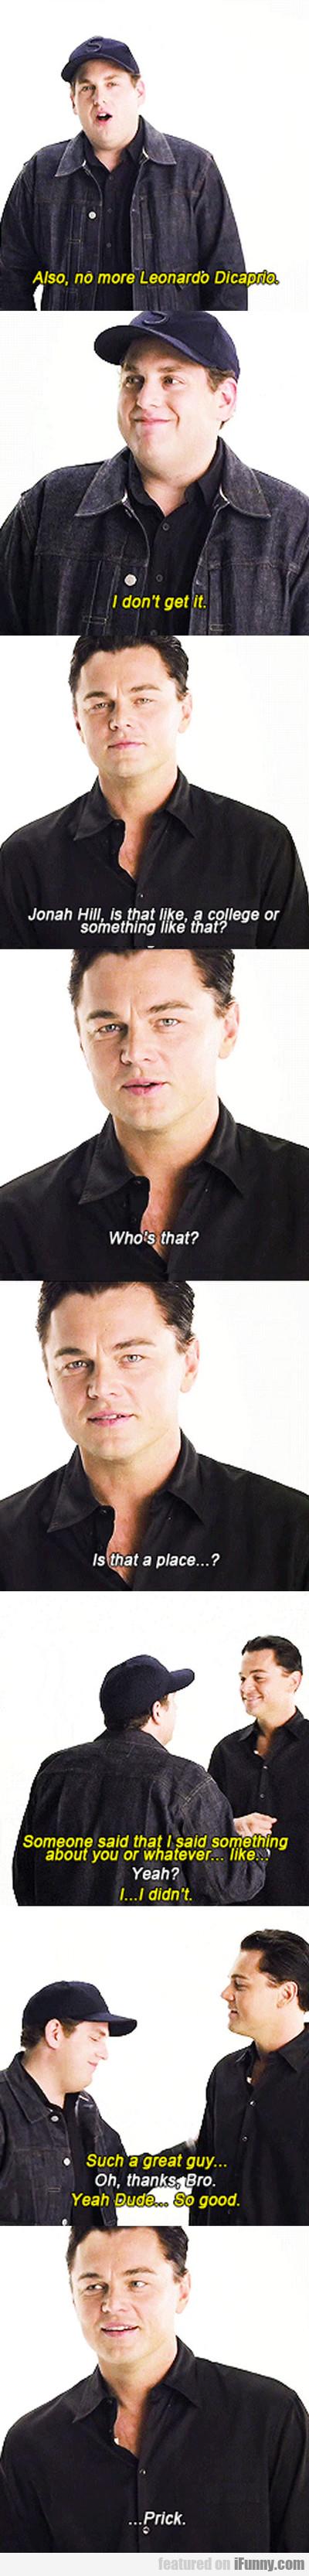 Also, No More Leonardo Dicaprio...